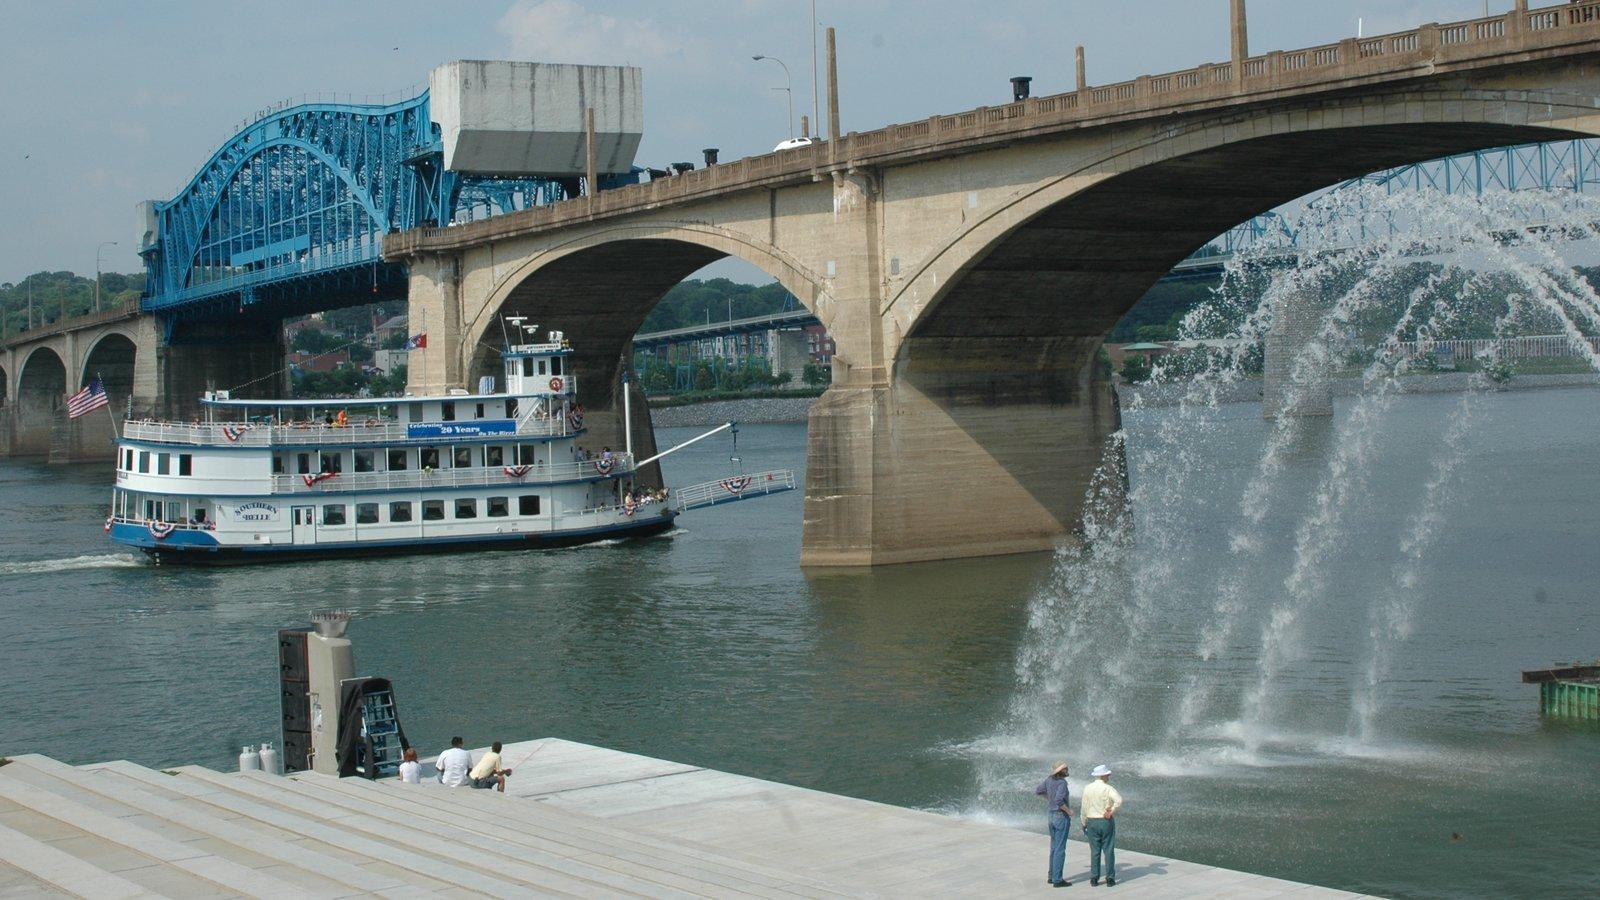 Chattanooga mostrando un puente, un ferry y un río o arroyo